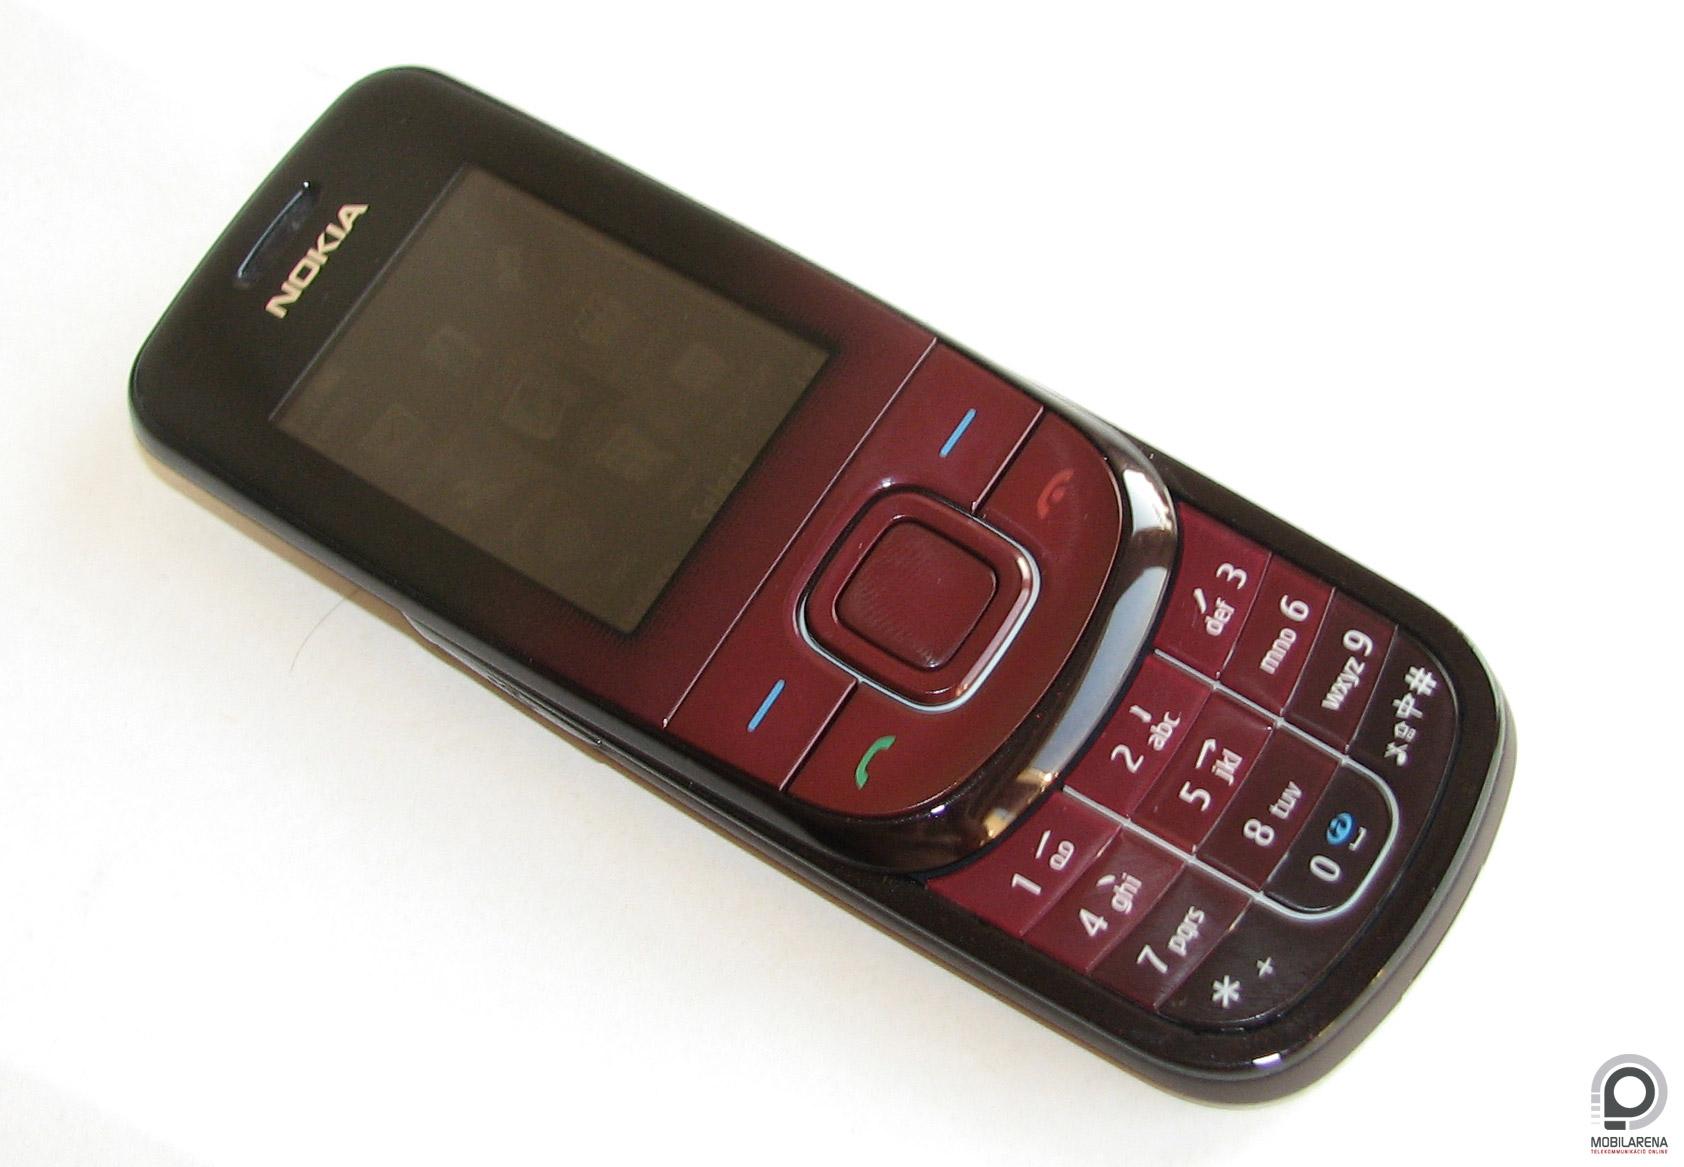 Nokia 3600 slide - transition